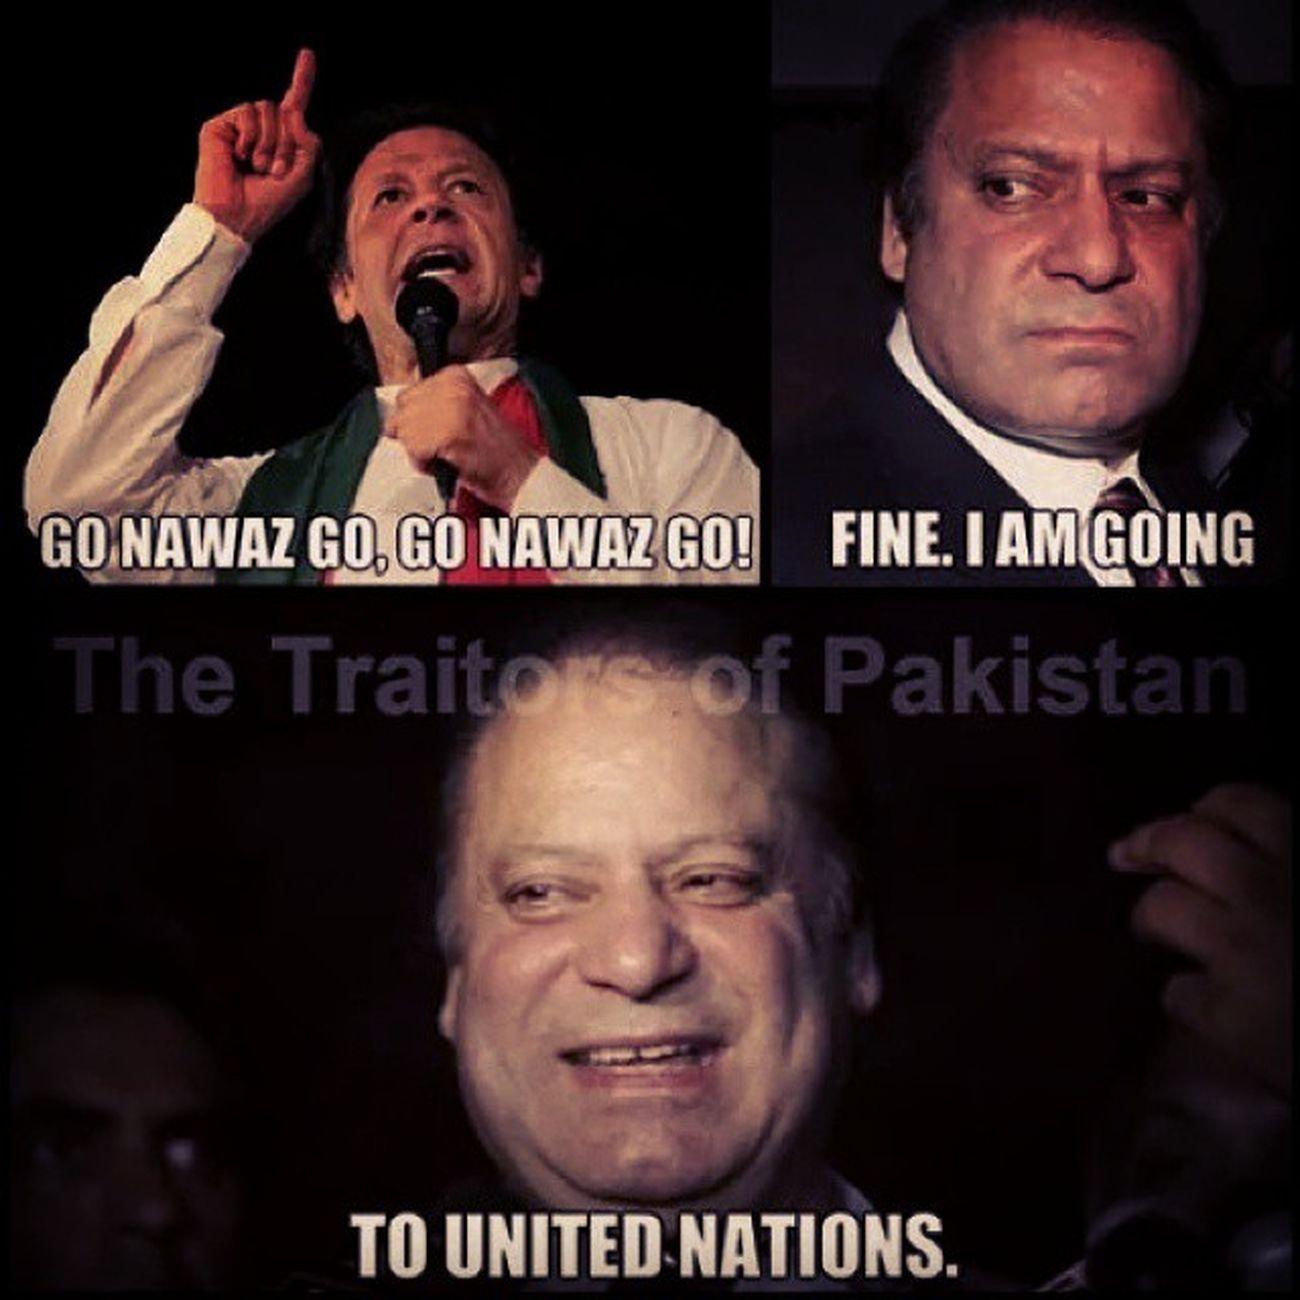 B.c Nawaz Gonawazgo Islamabad Pakistan Zindabad <3